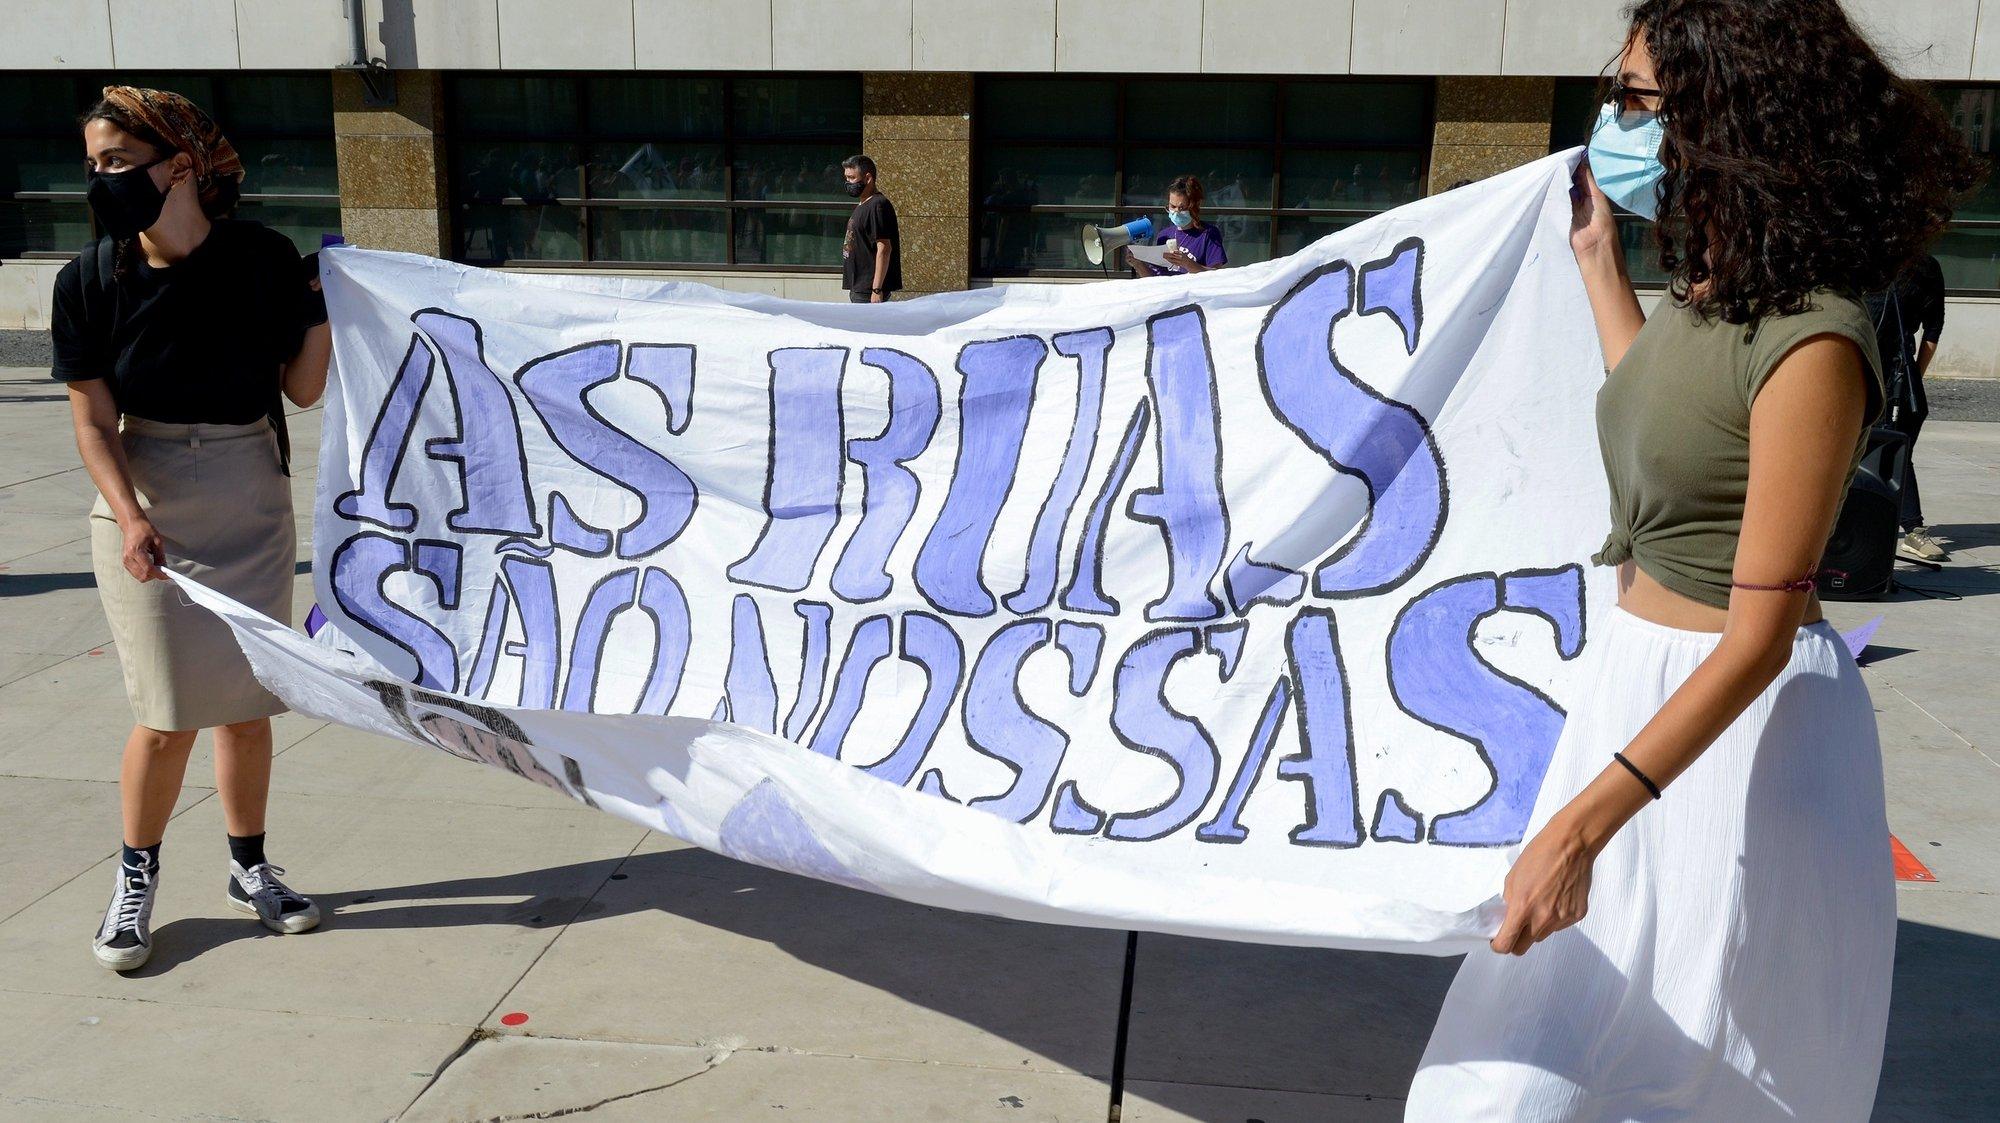 """Concentração feminista """"As ruas são nossas!"""", convocada pelo Núcleo do Porto da Rede 8 de Março - um movimento feminista internacional, contra """"a violência machista, racista e capitalista"""", no Porto, 05 de junho de 2021. Segundo este movimentos nas últimas semanas, muitas mulheres têm denunciado episódios em que são alvo de perseguição, assédio e violência, nas ruas da cidade do Porto. FERNANDO VELUDO/LUSA"""